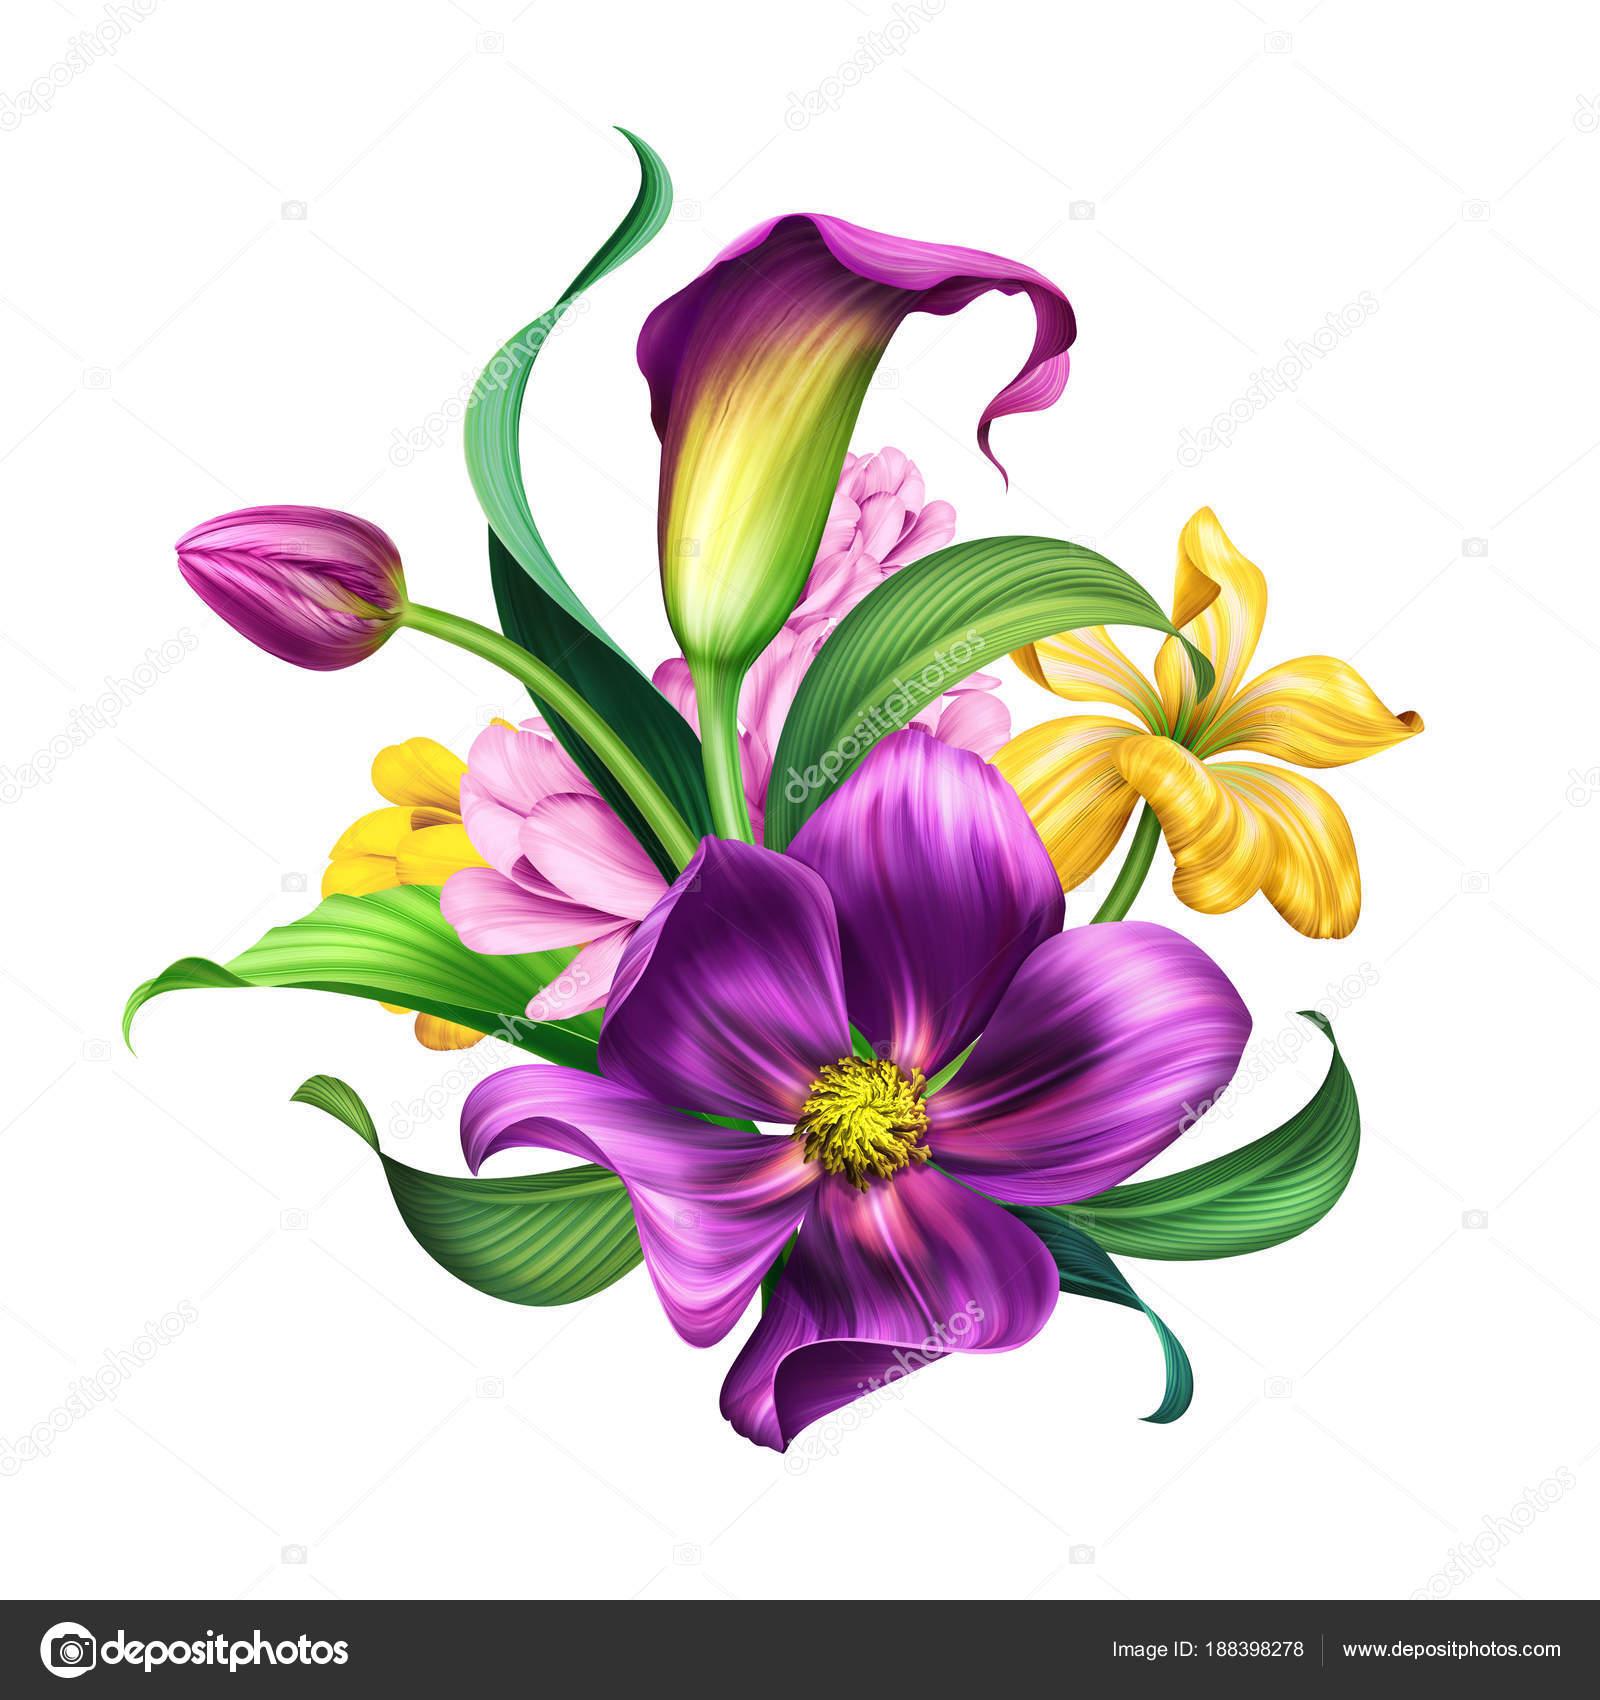 Clipart: purple flower bouquet.